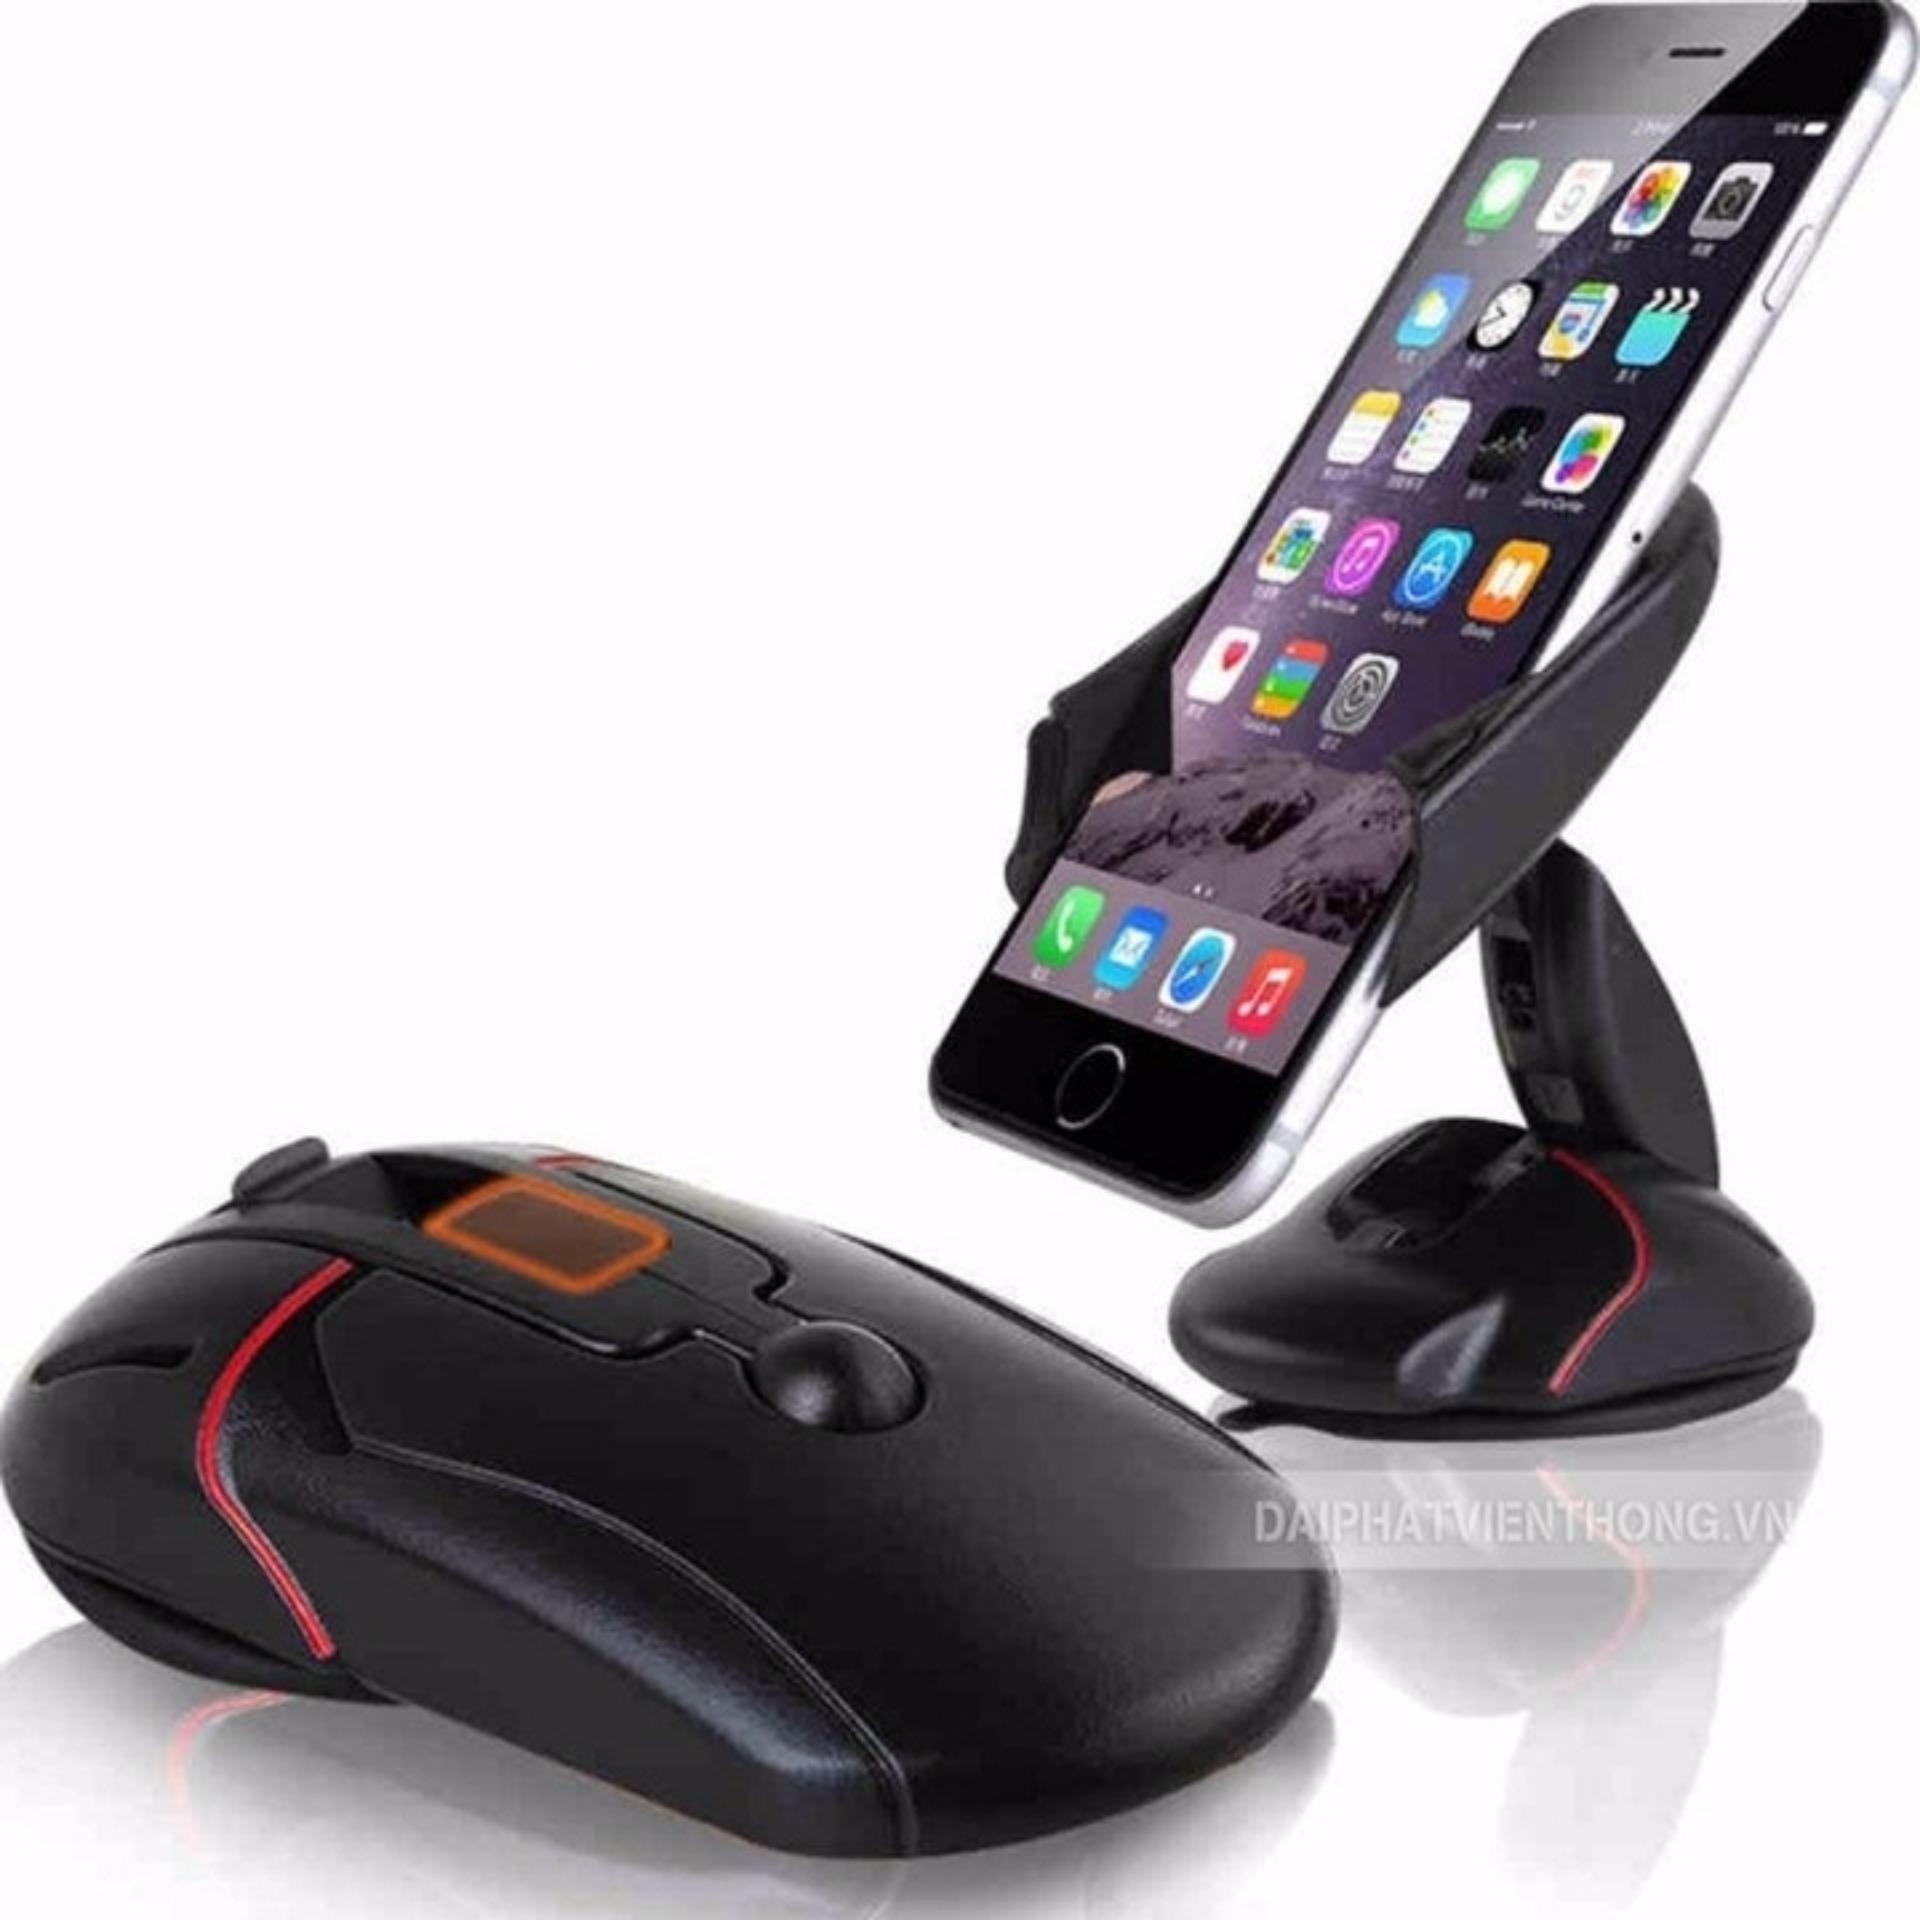 Giá đỡ điện thoại trên ô tô hình chuột